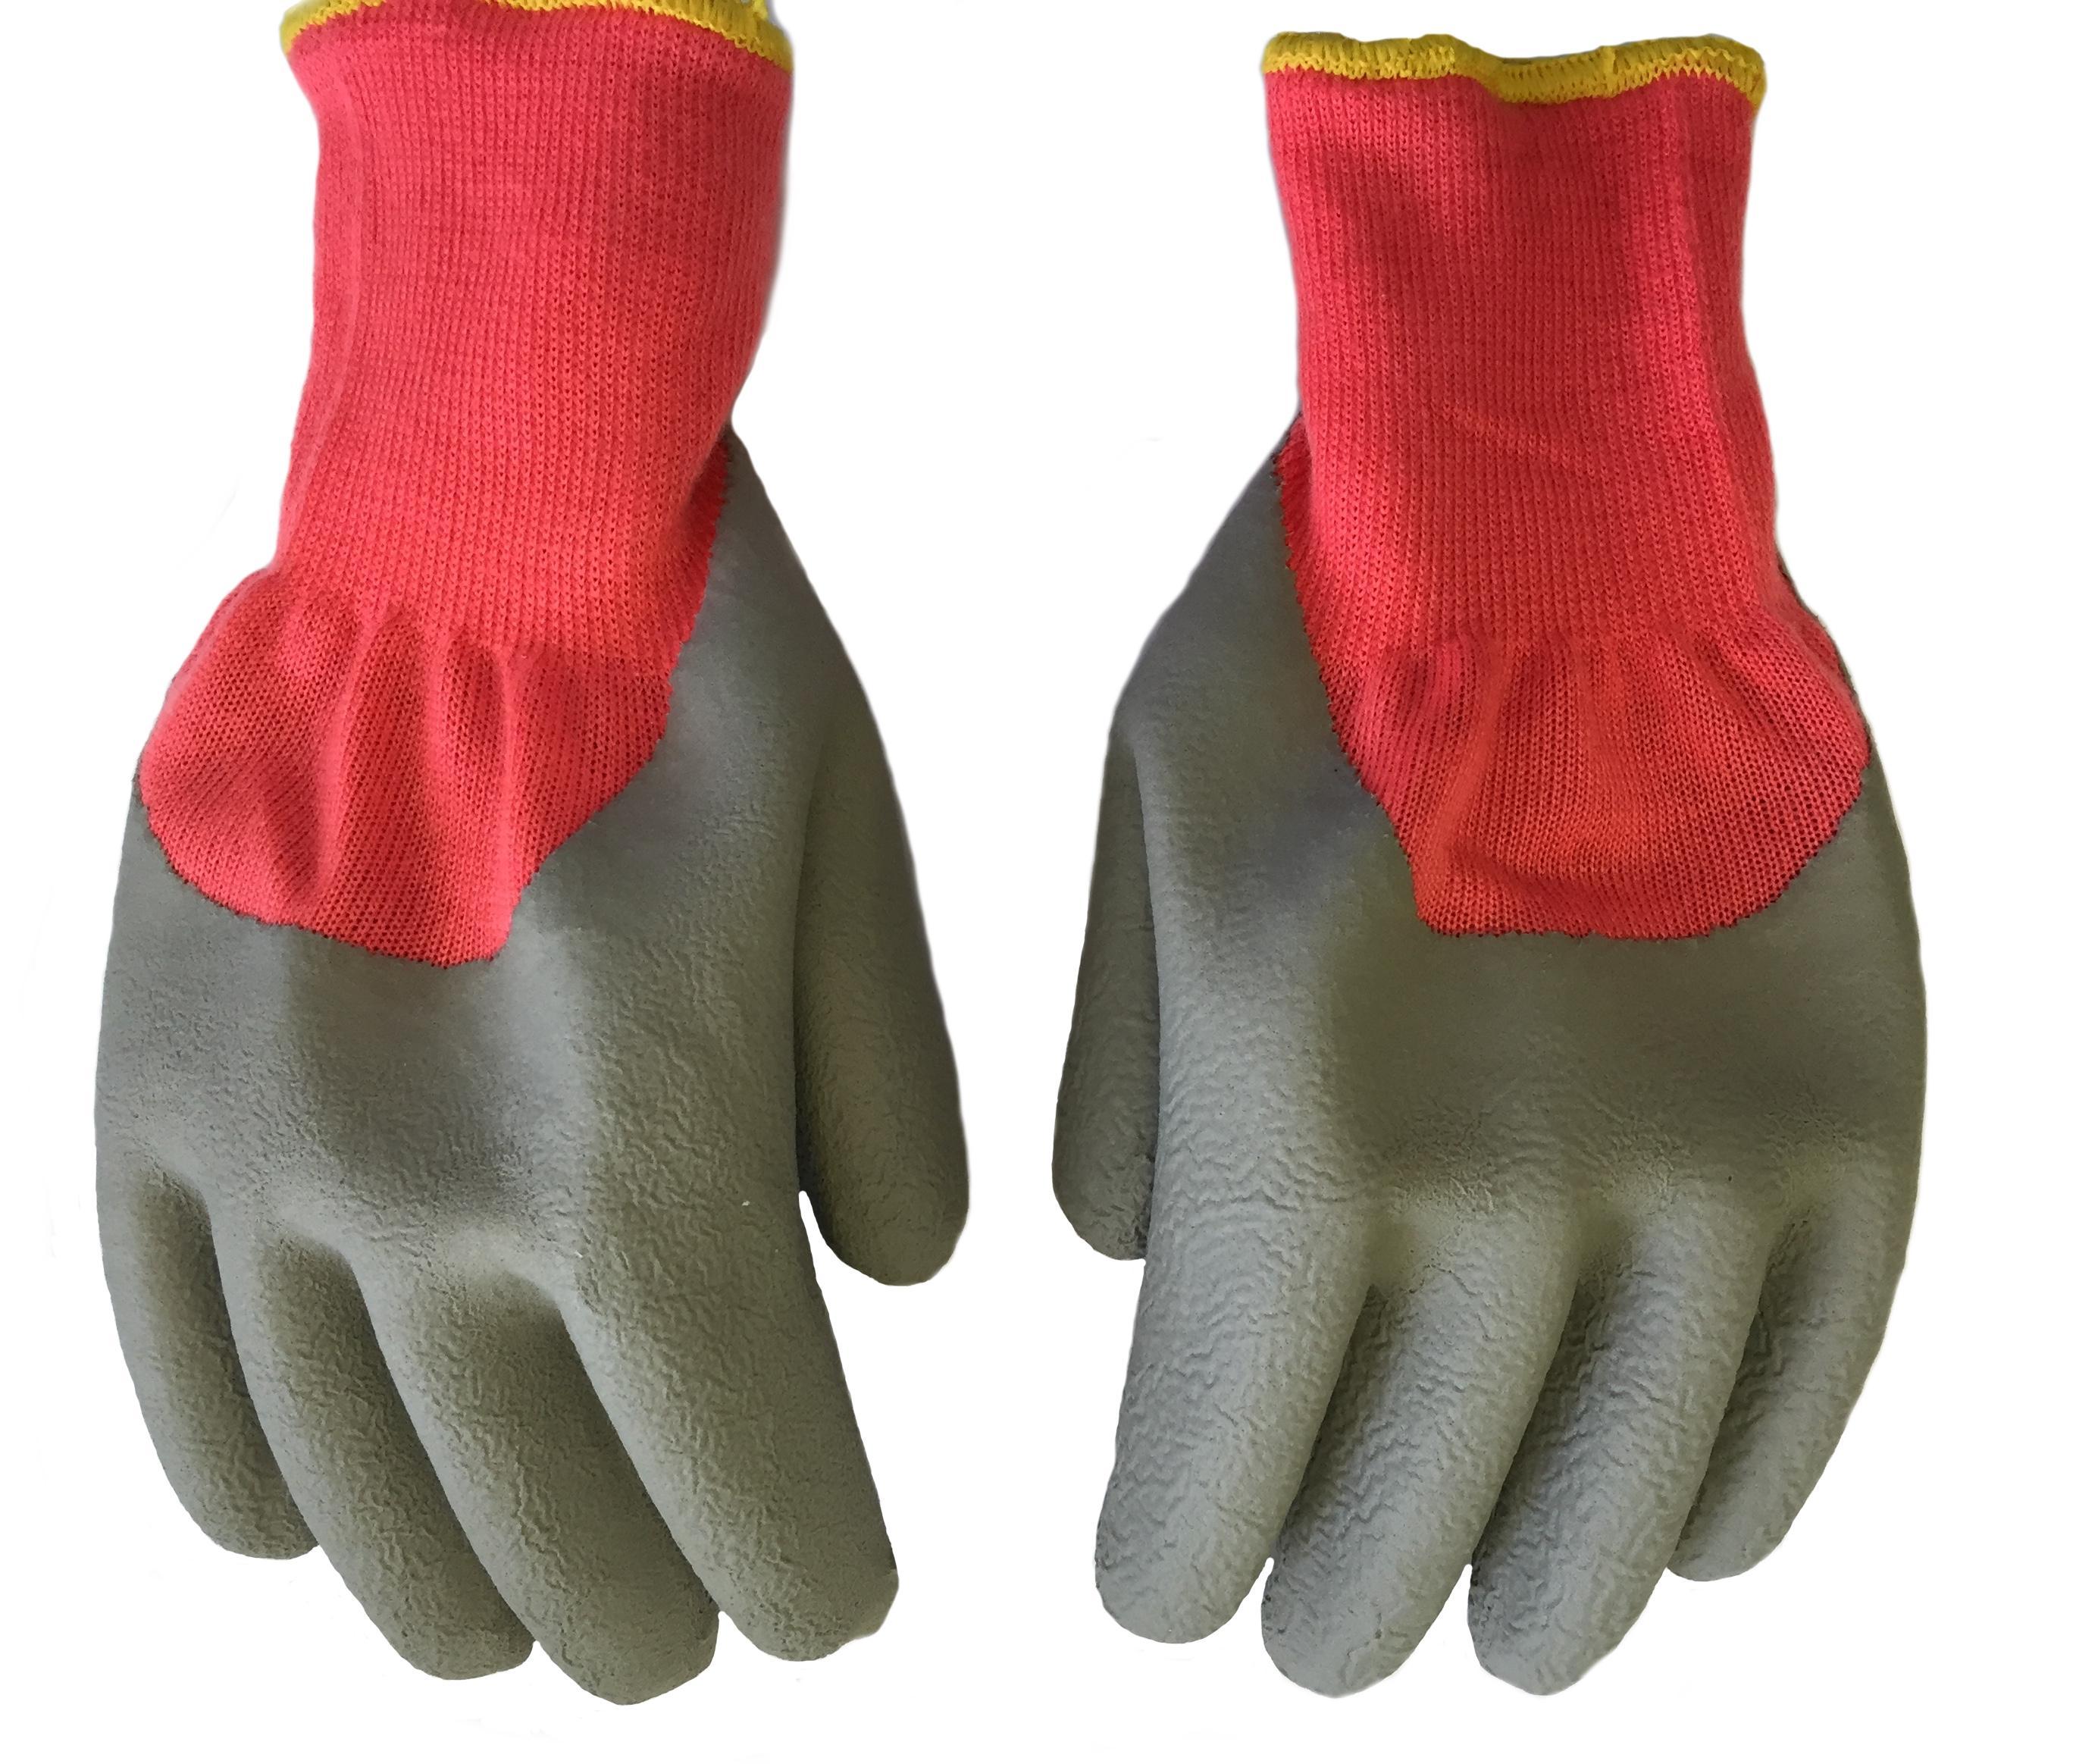 Перчатки БЕРТА 530 перчатки без пальцев шерстяные с рисунком розовые